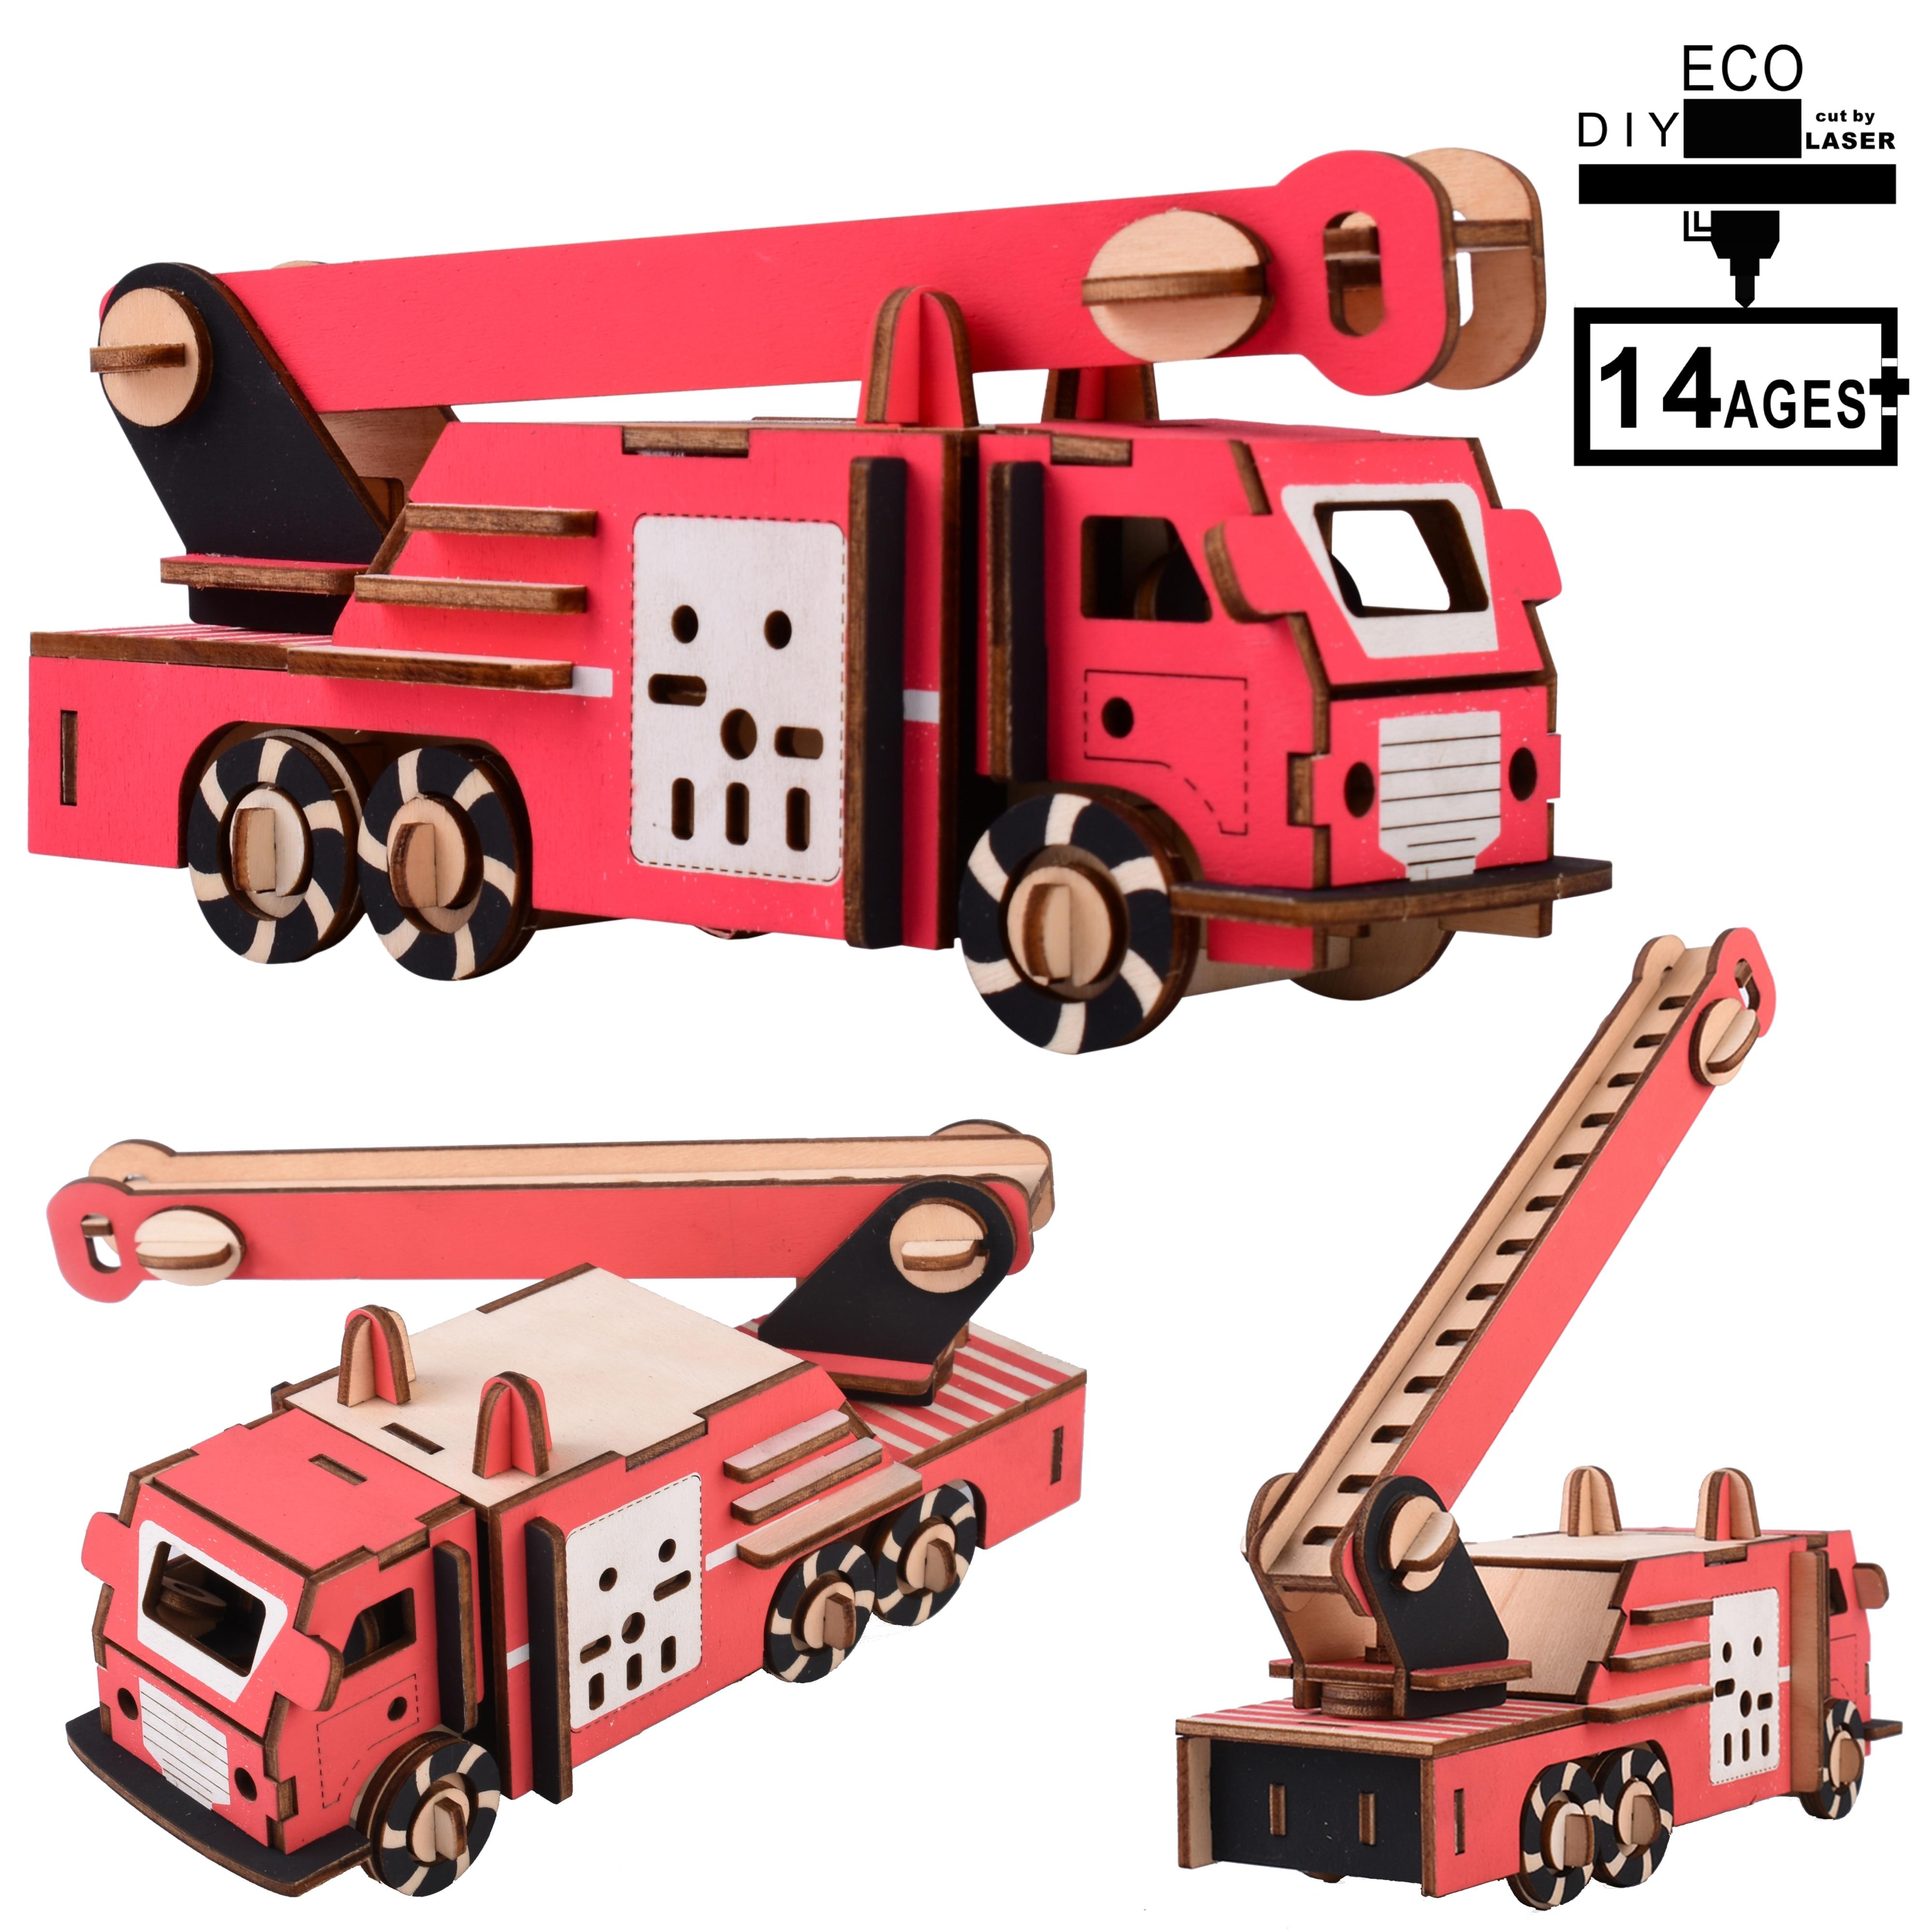 Iq Rompecabezas Montessori Madera para niños Quebra Cabeca Juegos didácticos Houten Juegos Speelgoed Juguetes Rompecabezas camión de bomberos